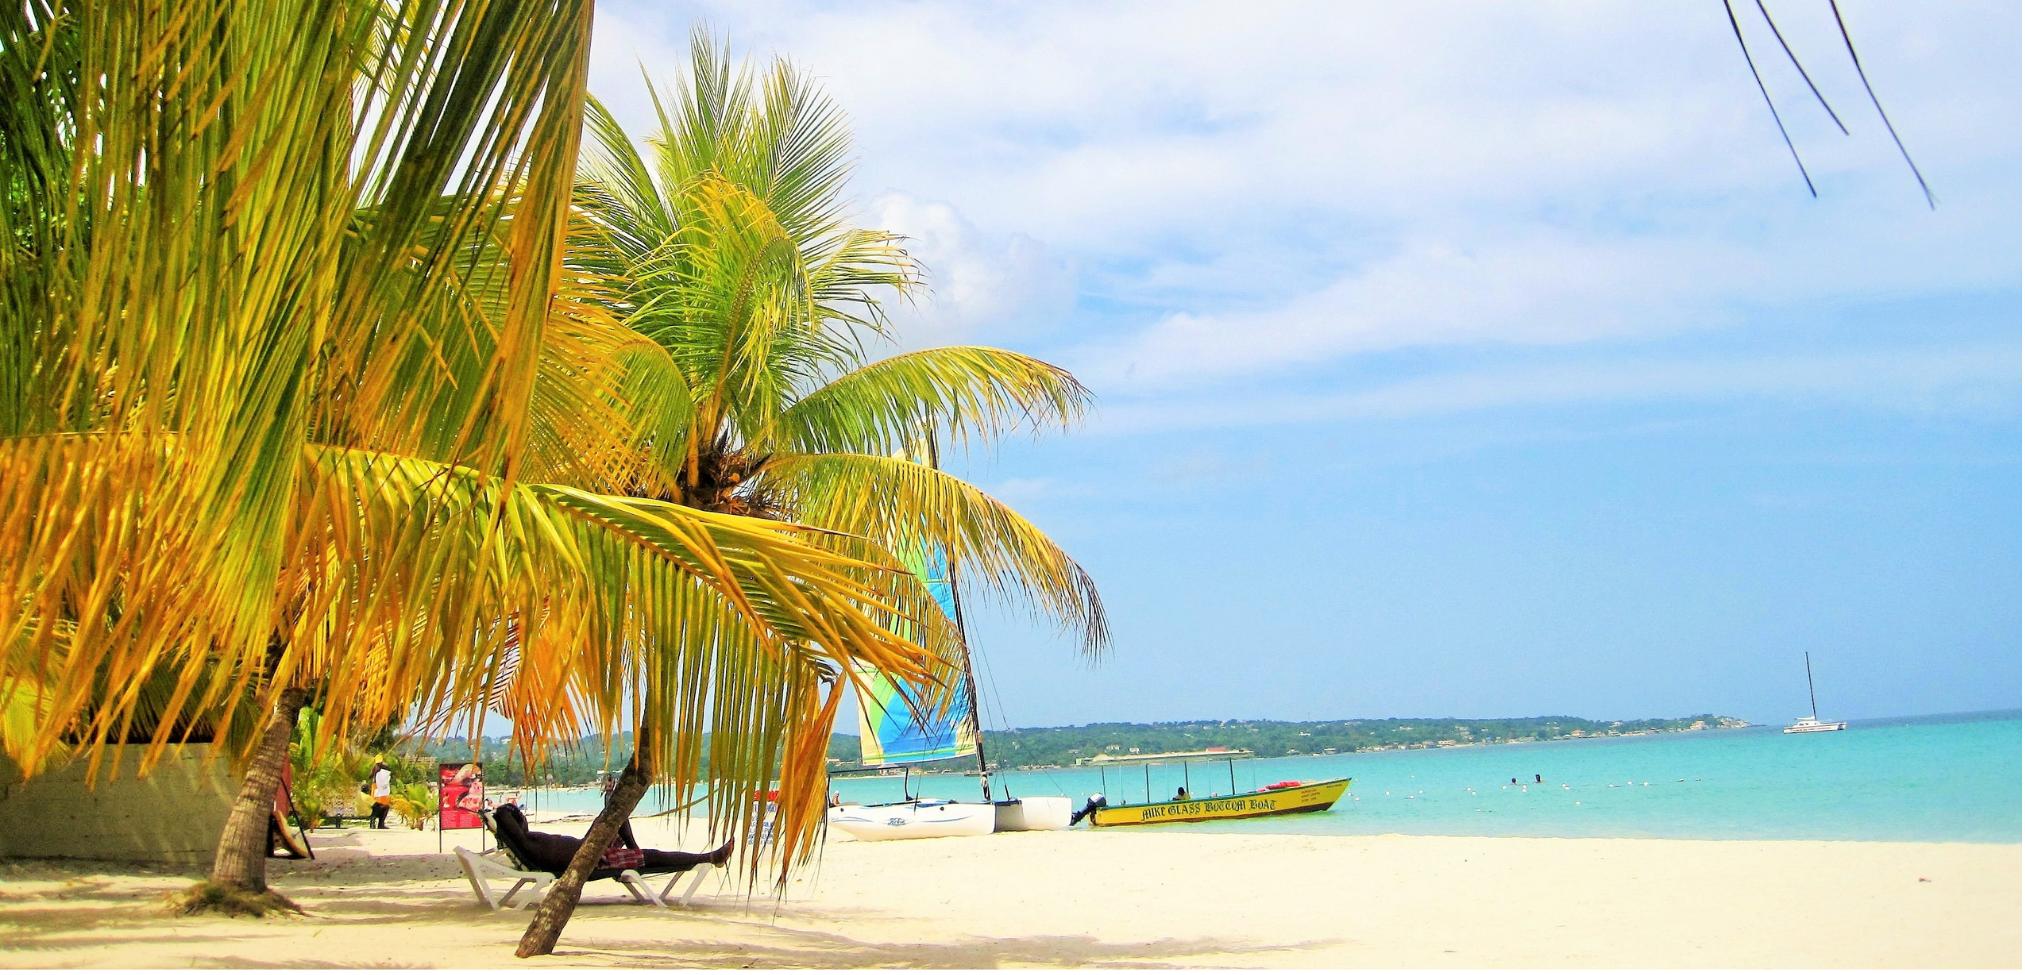 Strände auf Jamaika: Sehenswürdigkeiten